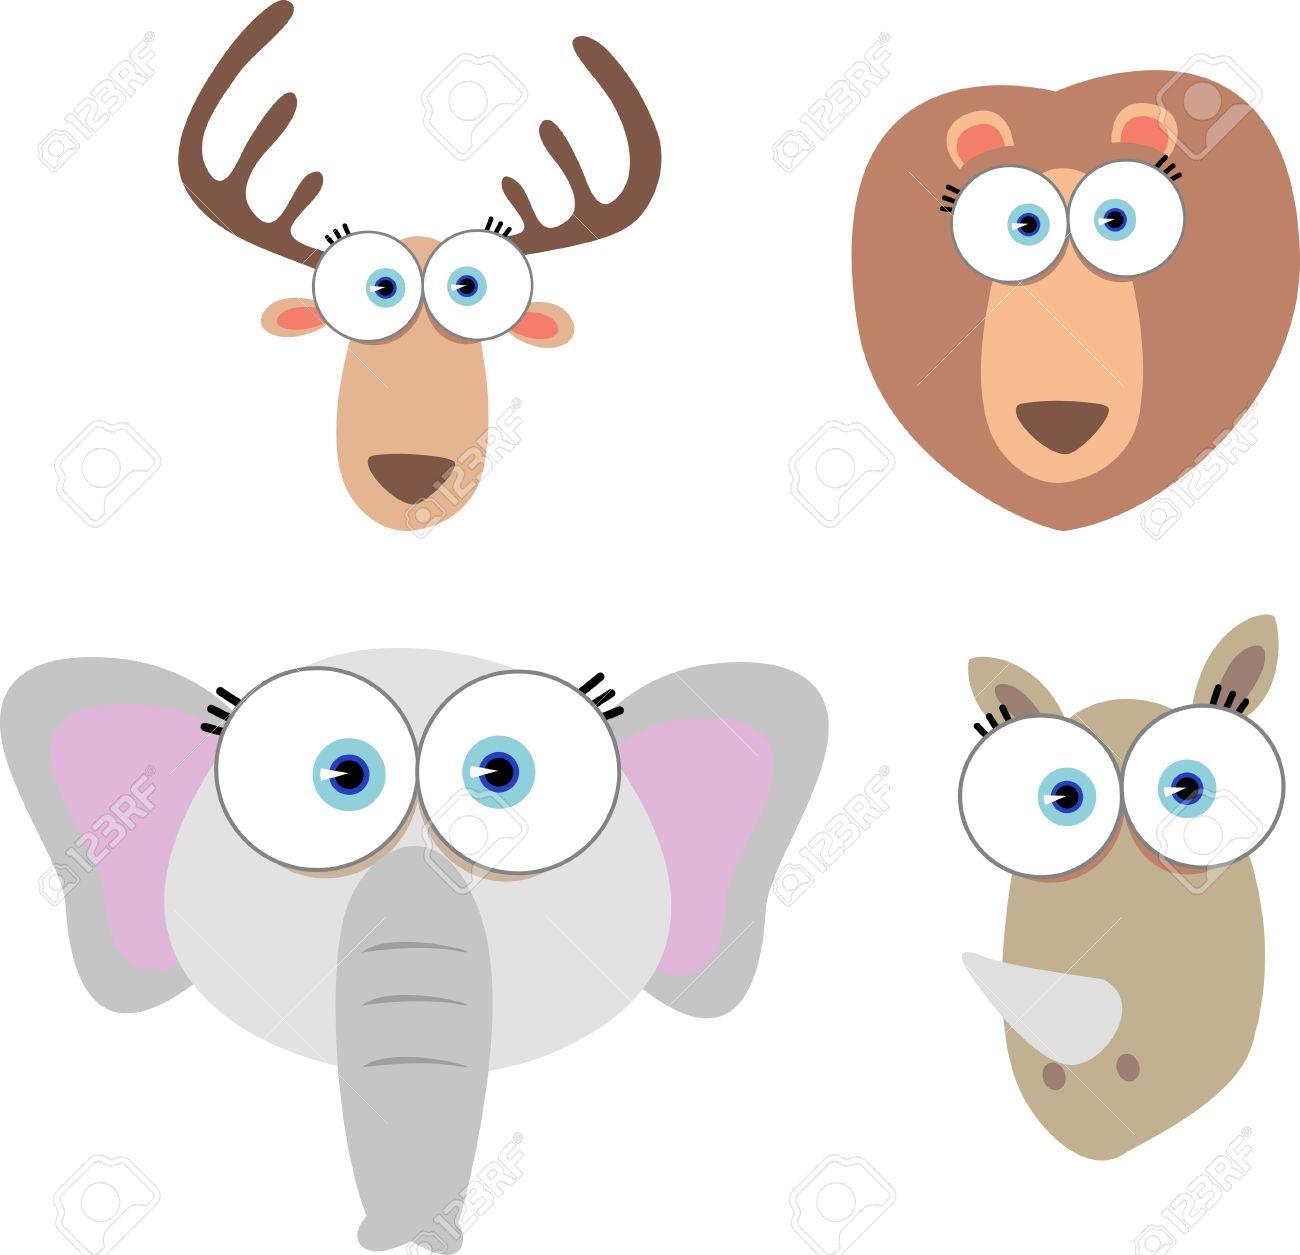 大きな目を持つ動物顔の漫画イラスト ロイヤリティフリークリップ